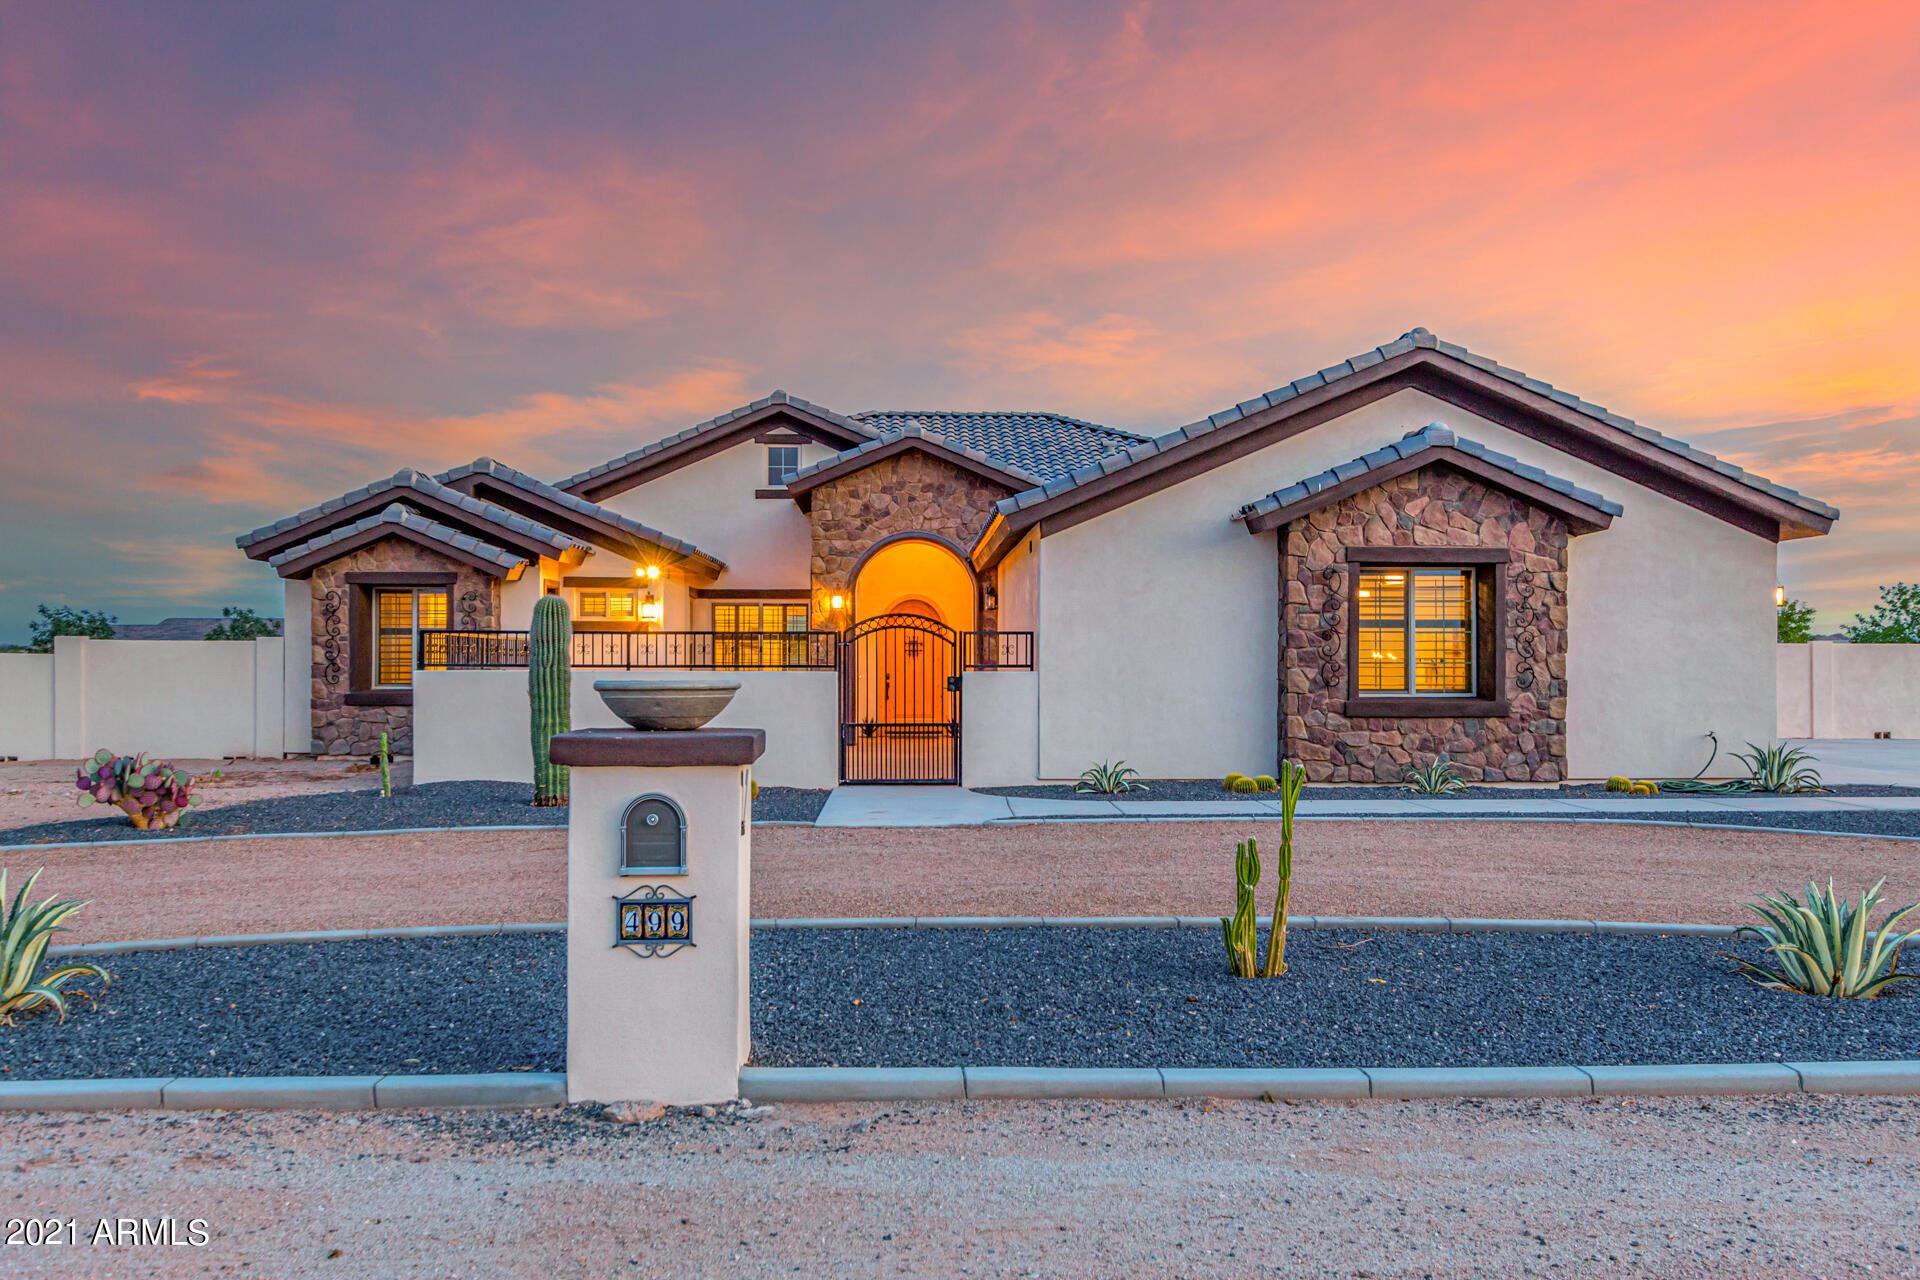 499 W TRIBOULET Lane, San Tan Valley, AZ 85143 - MLS#: 6263261